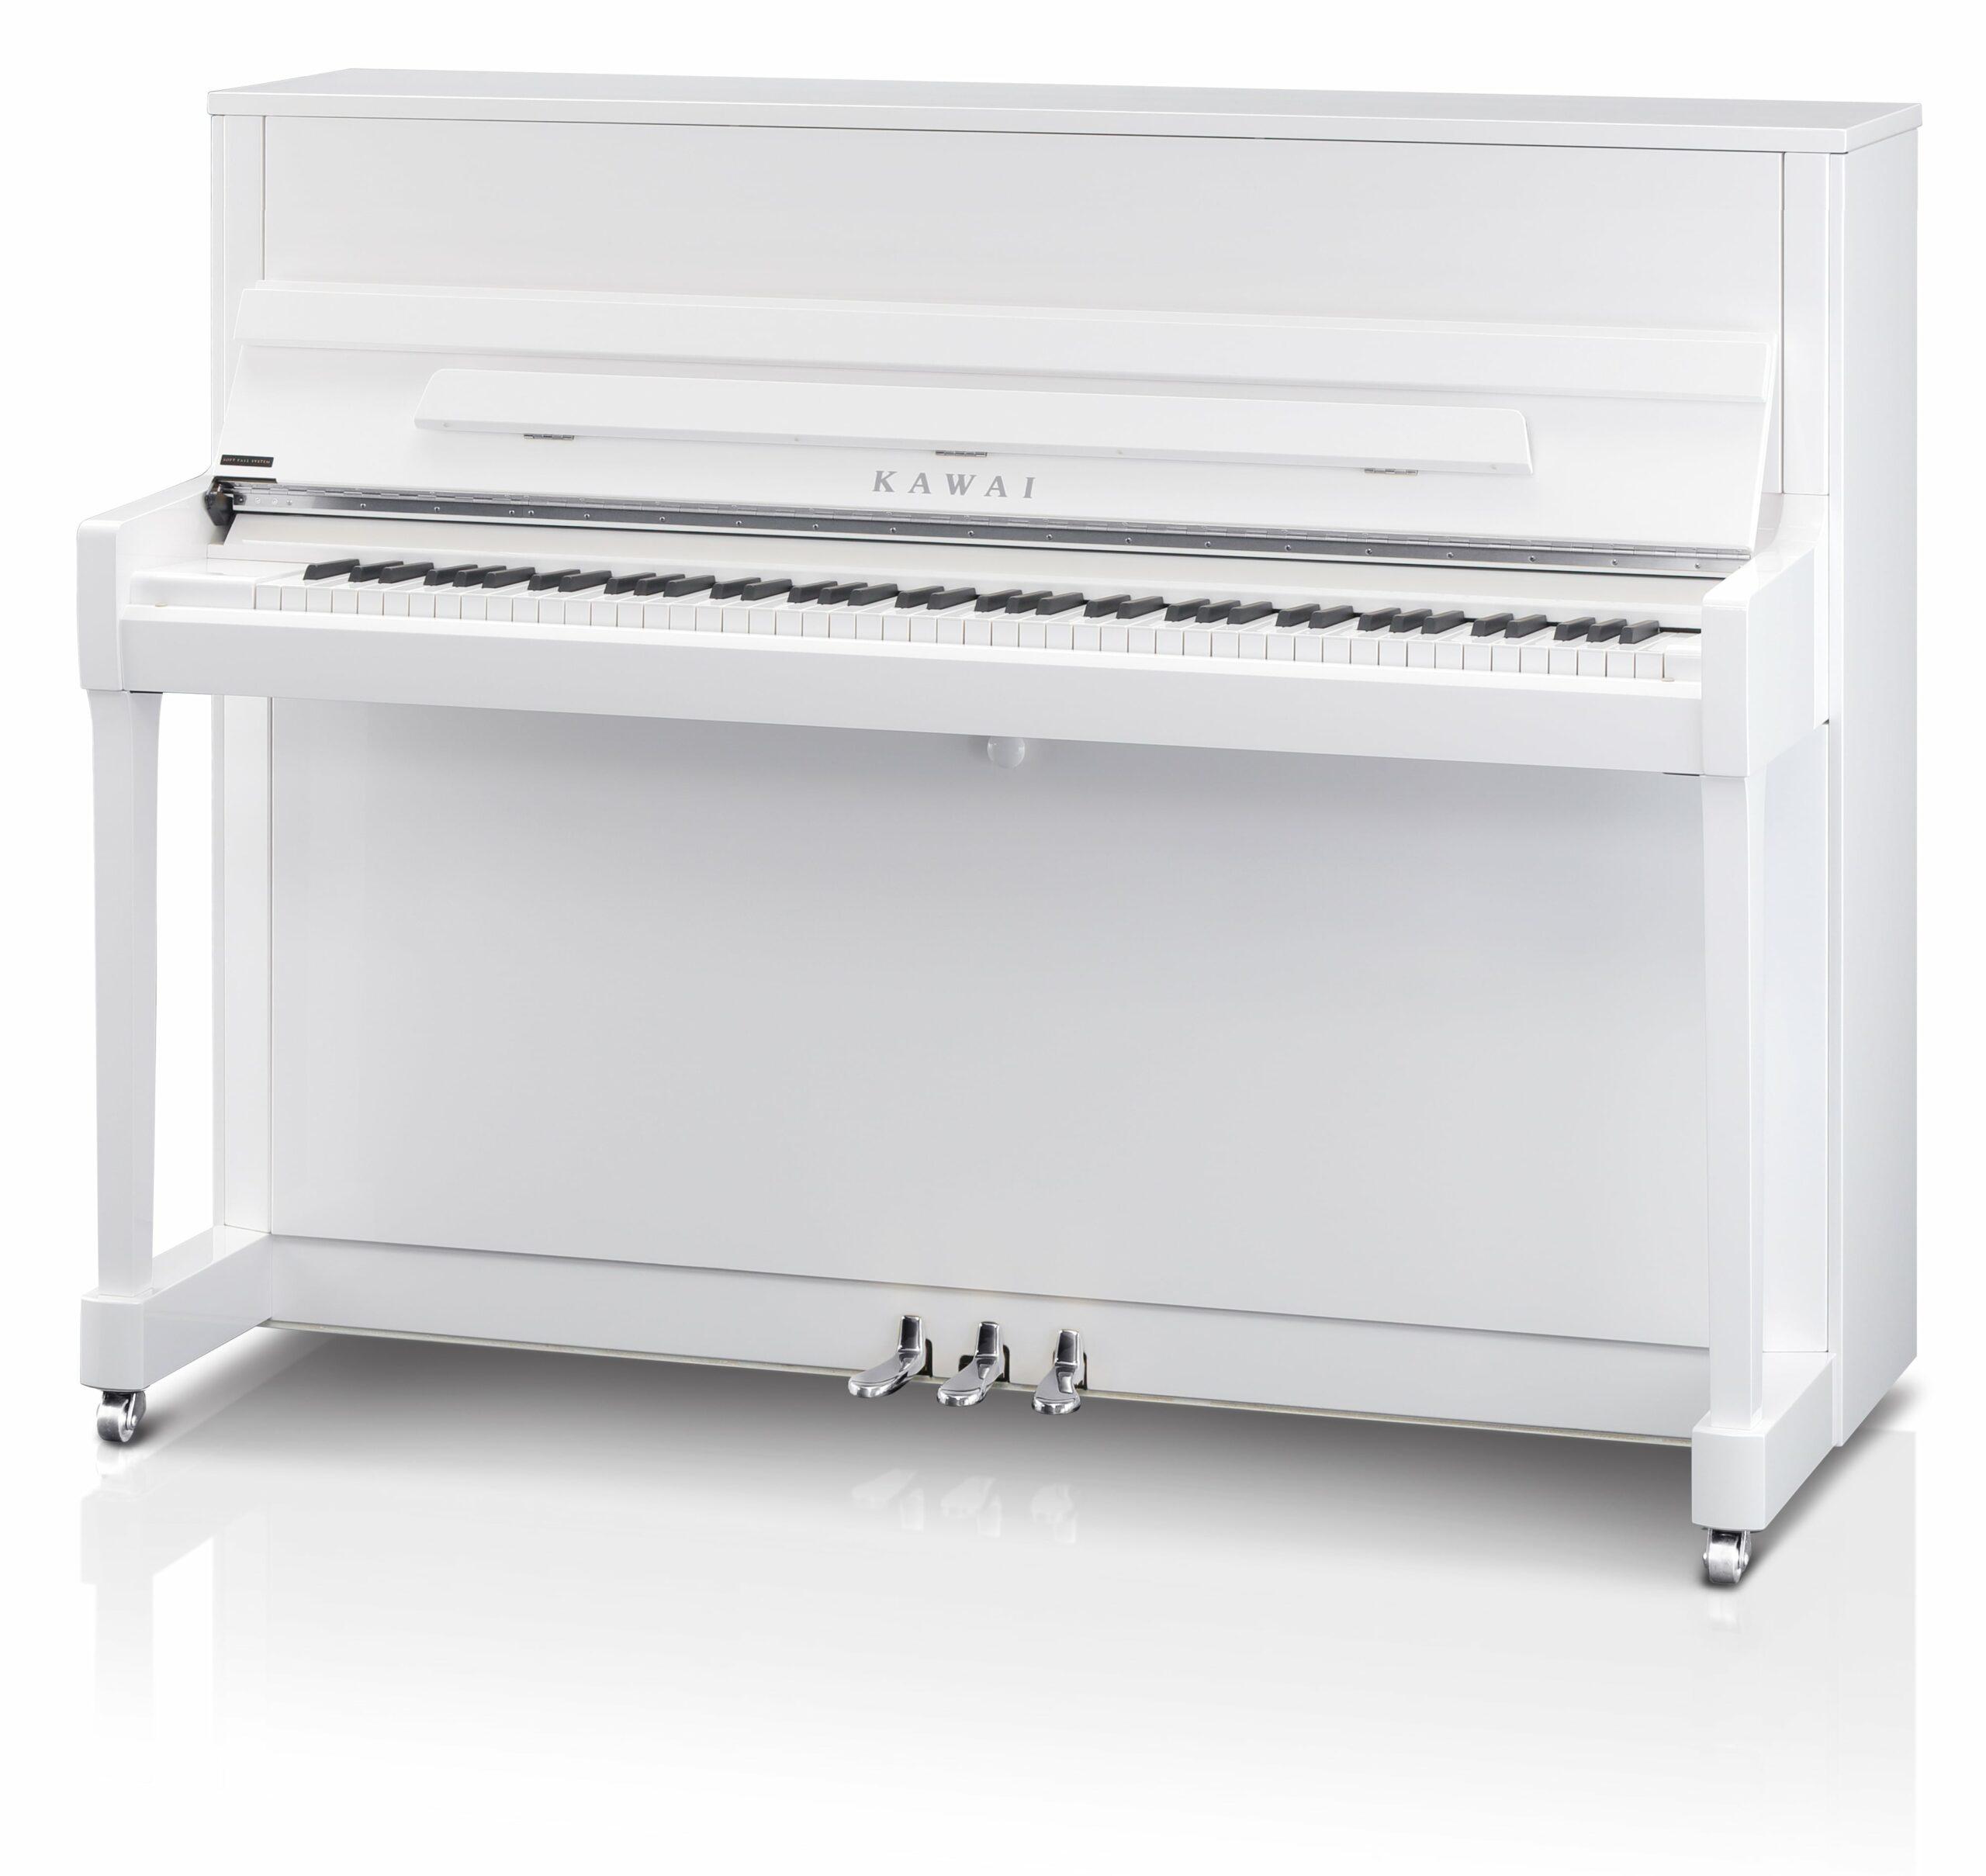 Kawai K200 White Silver